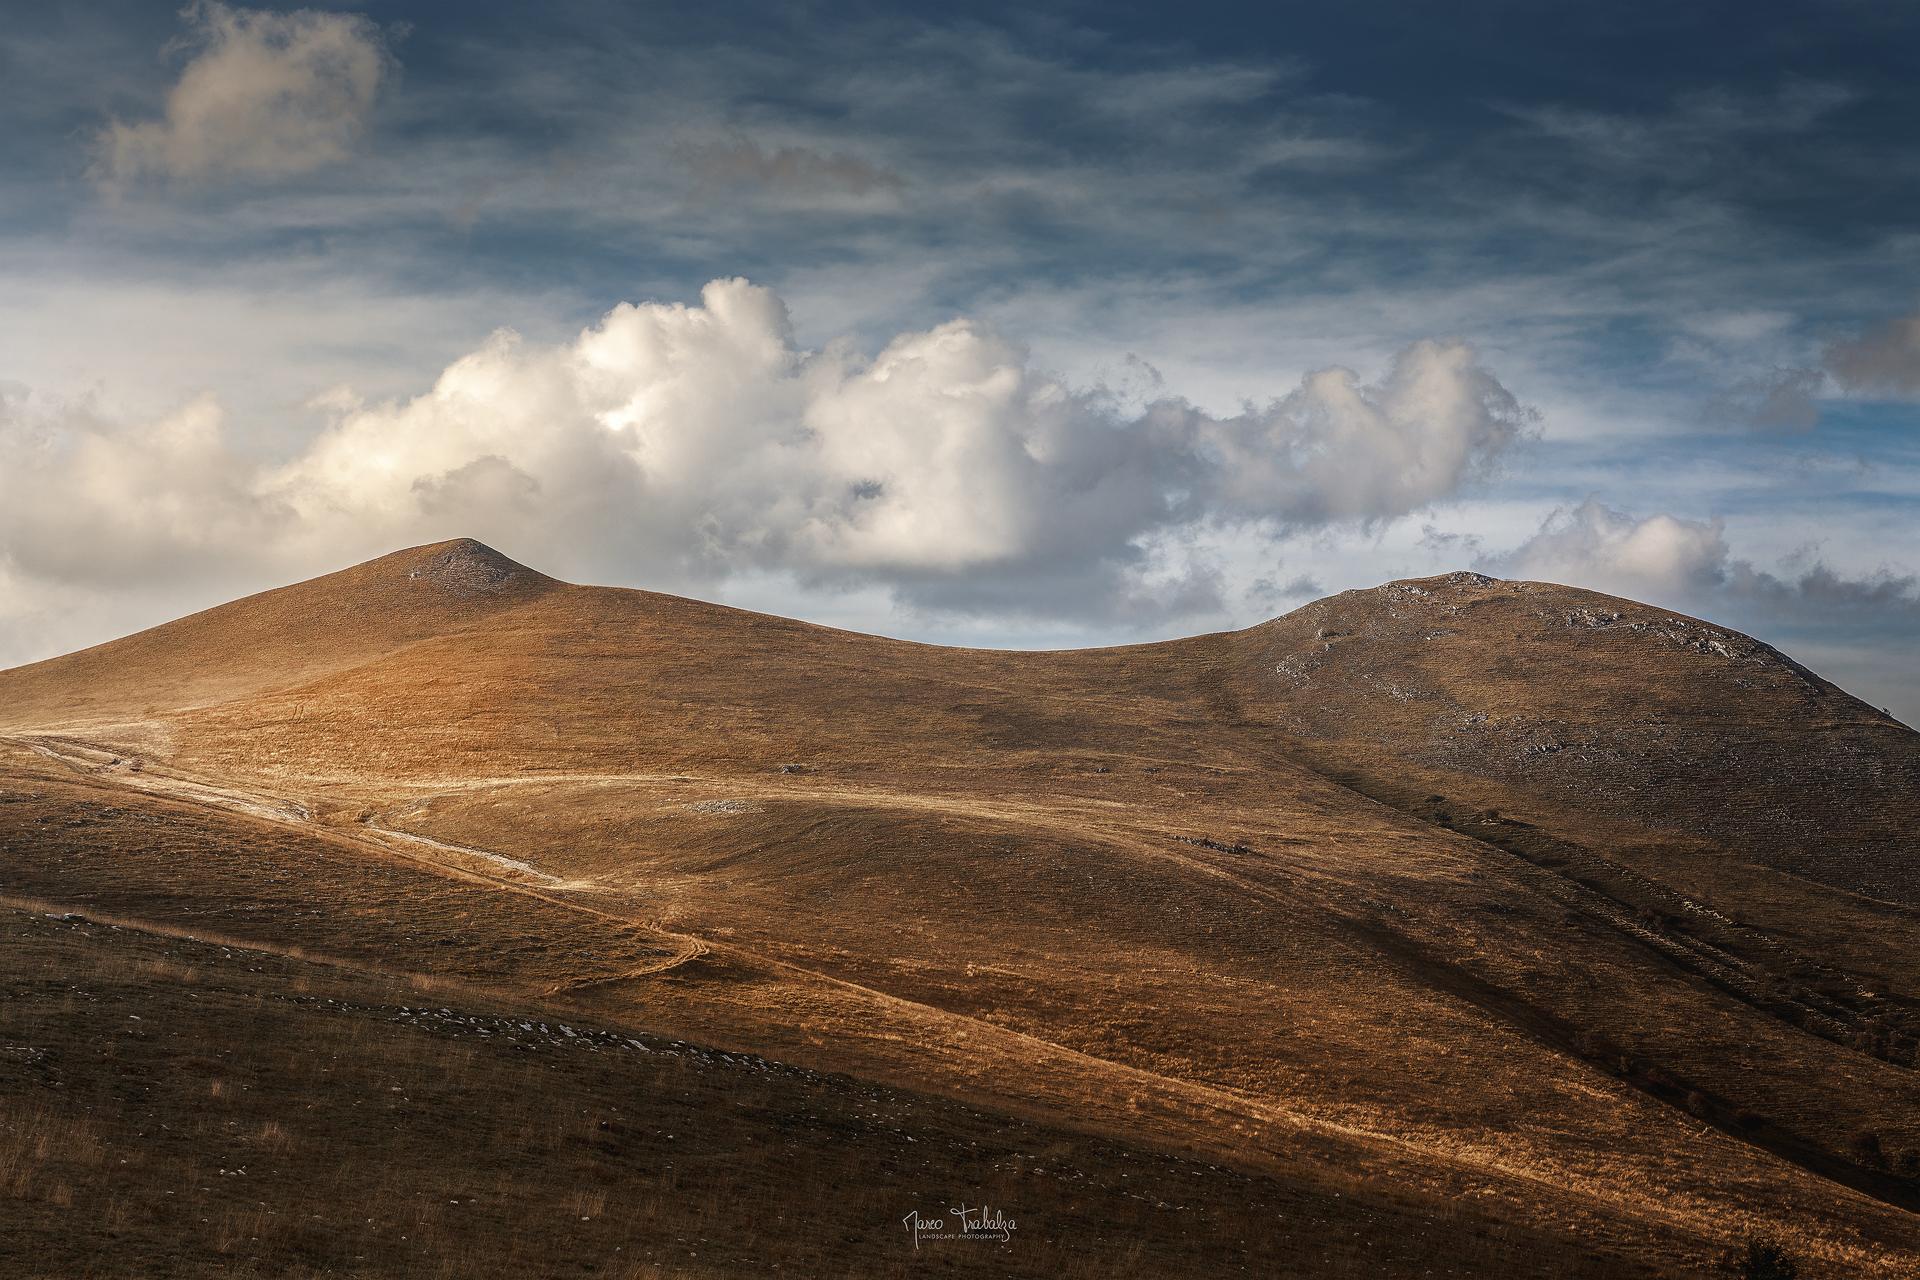 Castelluccio di Norcia da sempre riesce ad tirare fuori i miei stati d'animo. Come non dedicare la copertina alla foto che più mi rappresenta?